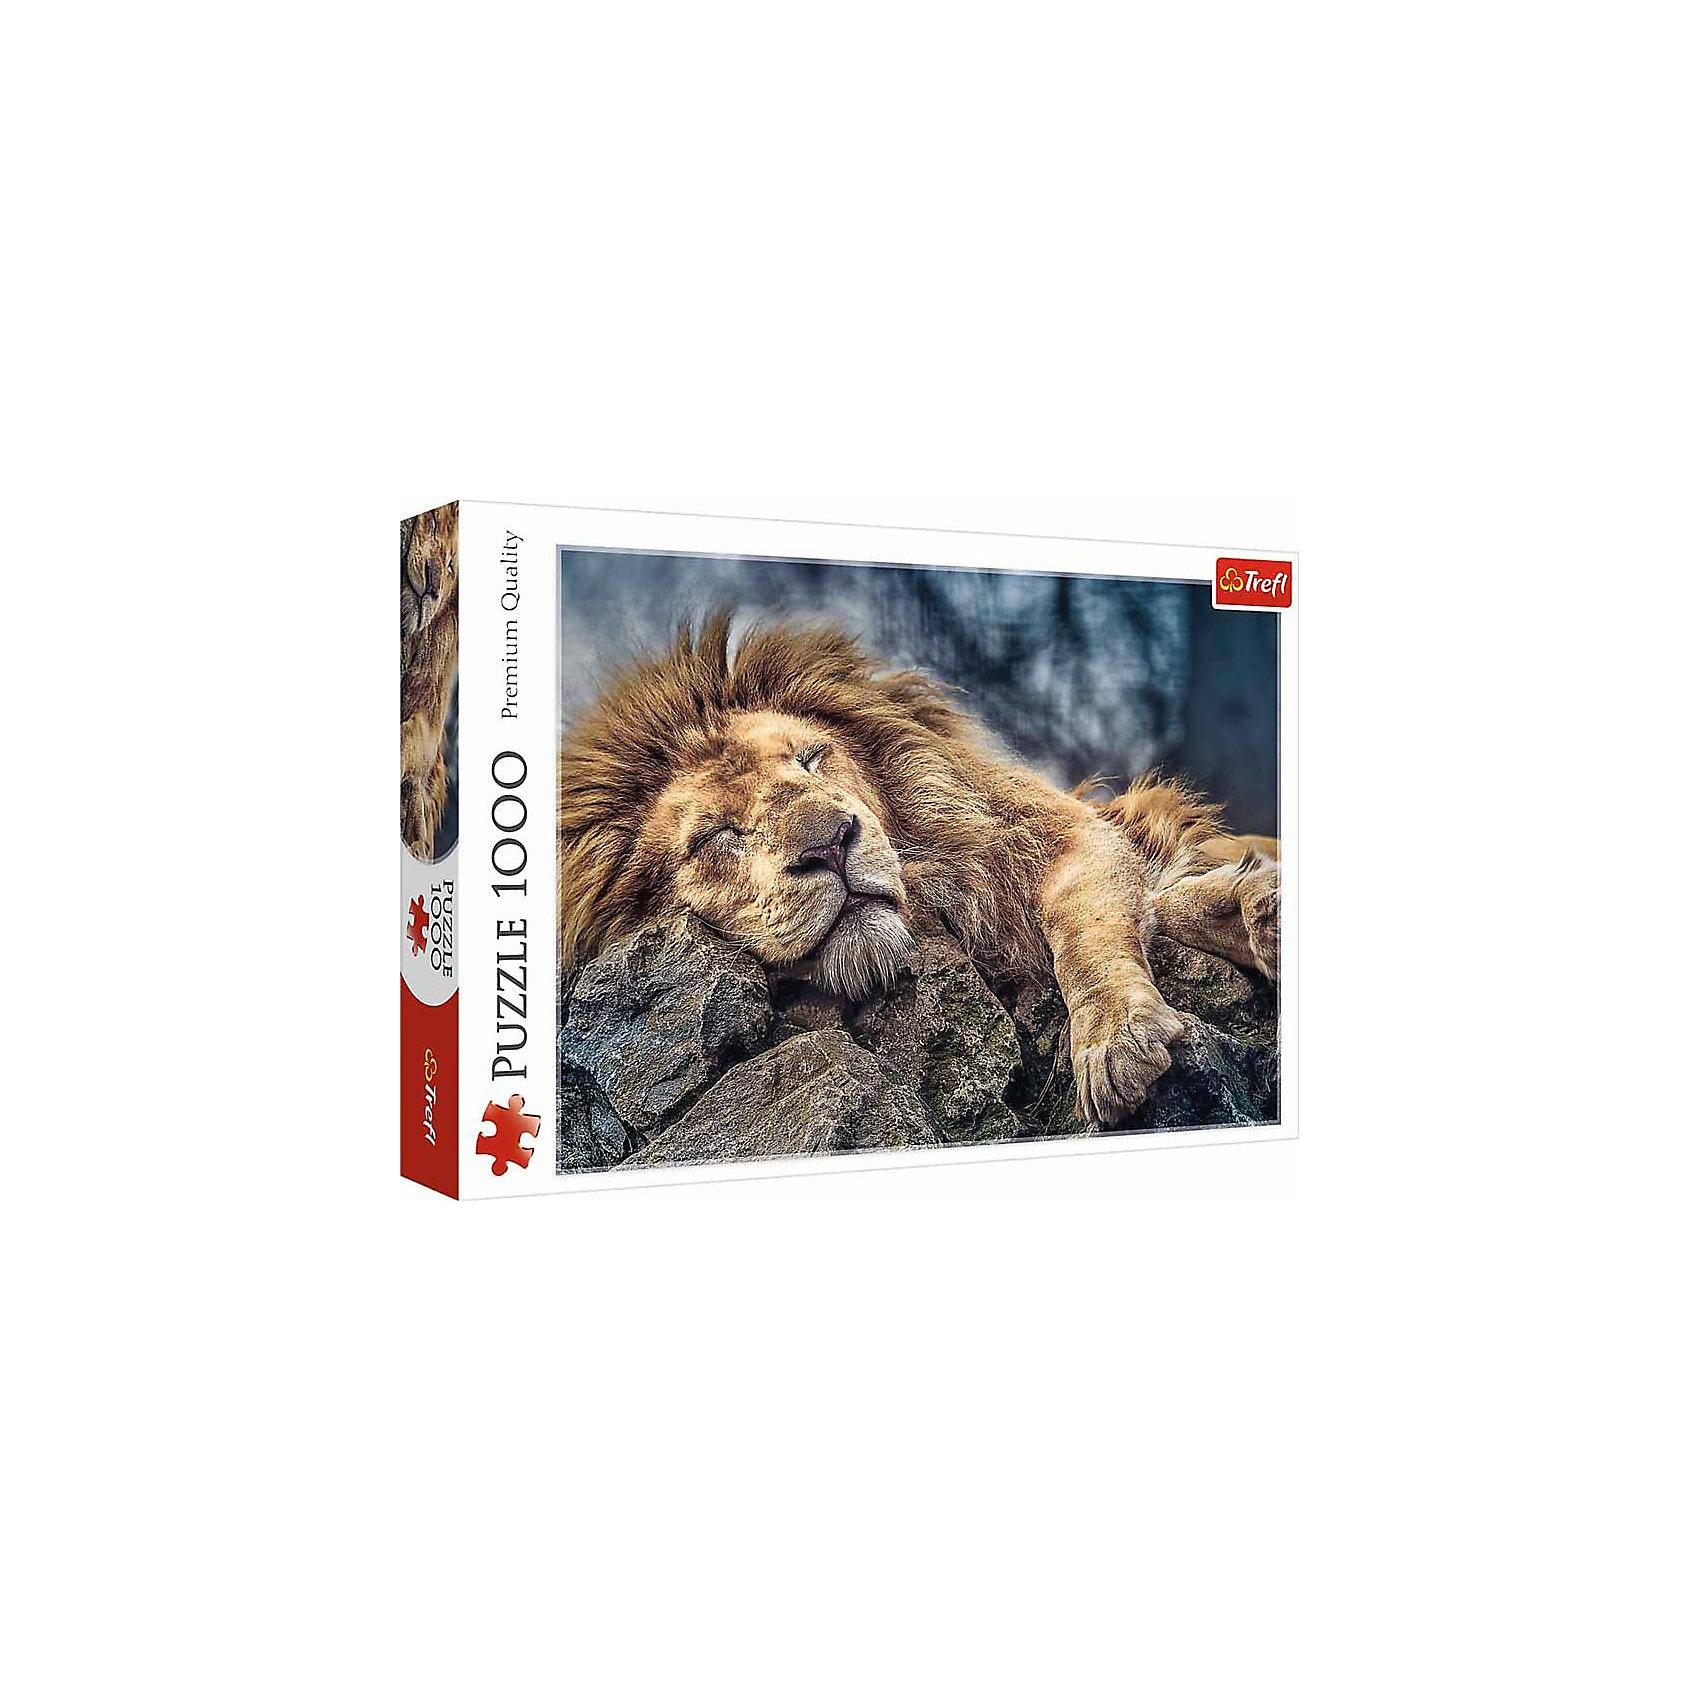 Пазлы Спящий лев, 1000 элементовПазлы для детей постарше<br>Сделайте чудесный подарок любителю дикой природы – пазл «Спящий лев» из 1000 деталей. Изображение величественного царя животных отличается прекрасной цветопередачей и высоким качеством. Пушистая рыжая шерсть льва выгодно оттеняется холодным фоном из камней и ветвей. Собрав прочные и красочные детали вместе, вы получите стильную картину, которой можно украсить любой интерьер.  <br><br>Интересная головоломка от широко известного бренда Trefl поможет скрасить вечер в компании друзей или семьи и подарит много положительных эмоций. <br><br> Количество элементов пазла: 1000. <br><br> Размер картинки в собранном виде: 68,3х48 см.<br><br>Ширина мм: 401<br>Глубина мм: 60<br>Высота мм: 270<br>Вес г: 750<br>Возраст от месяцев: 144<br>Возраст до месяцев: 2147483647<br>Пол: Унисекс<br>Возраст: Детский<br>SKU: 7126376